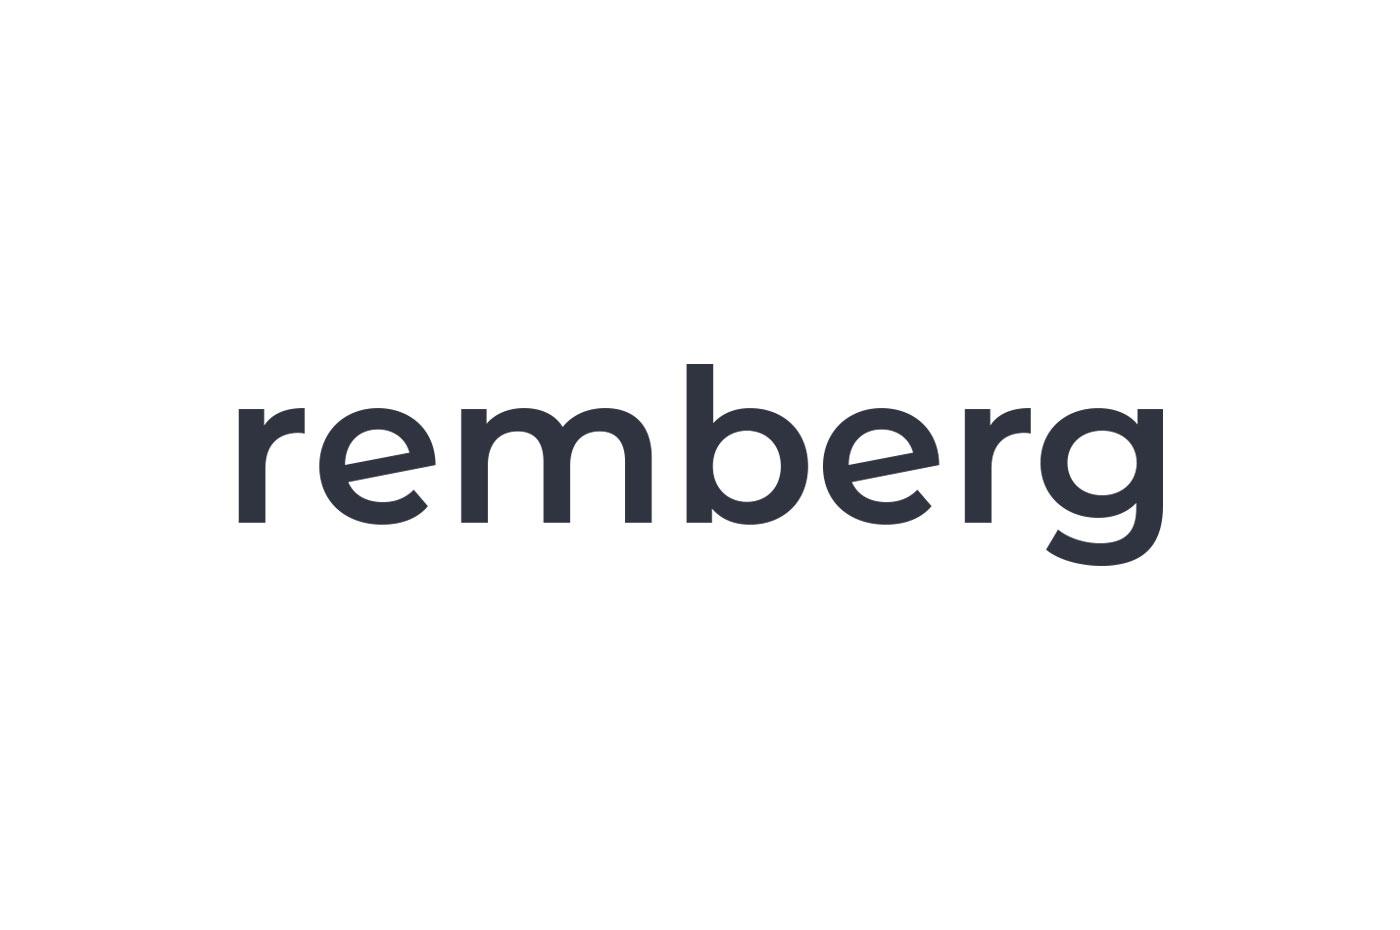 Remberg